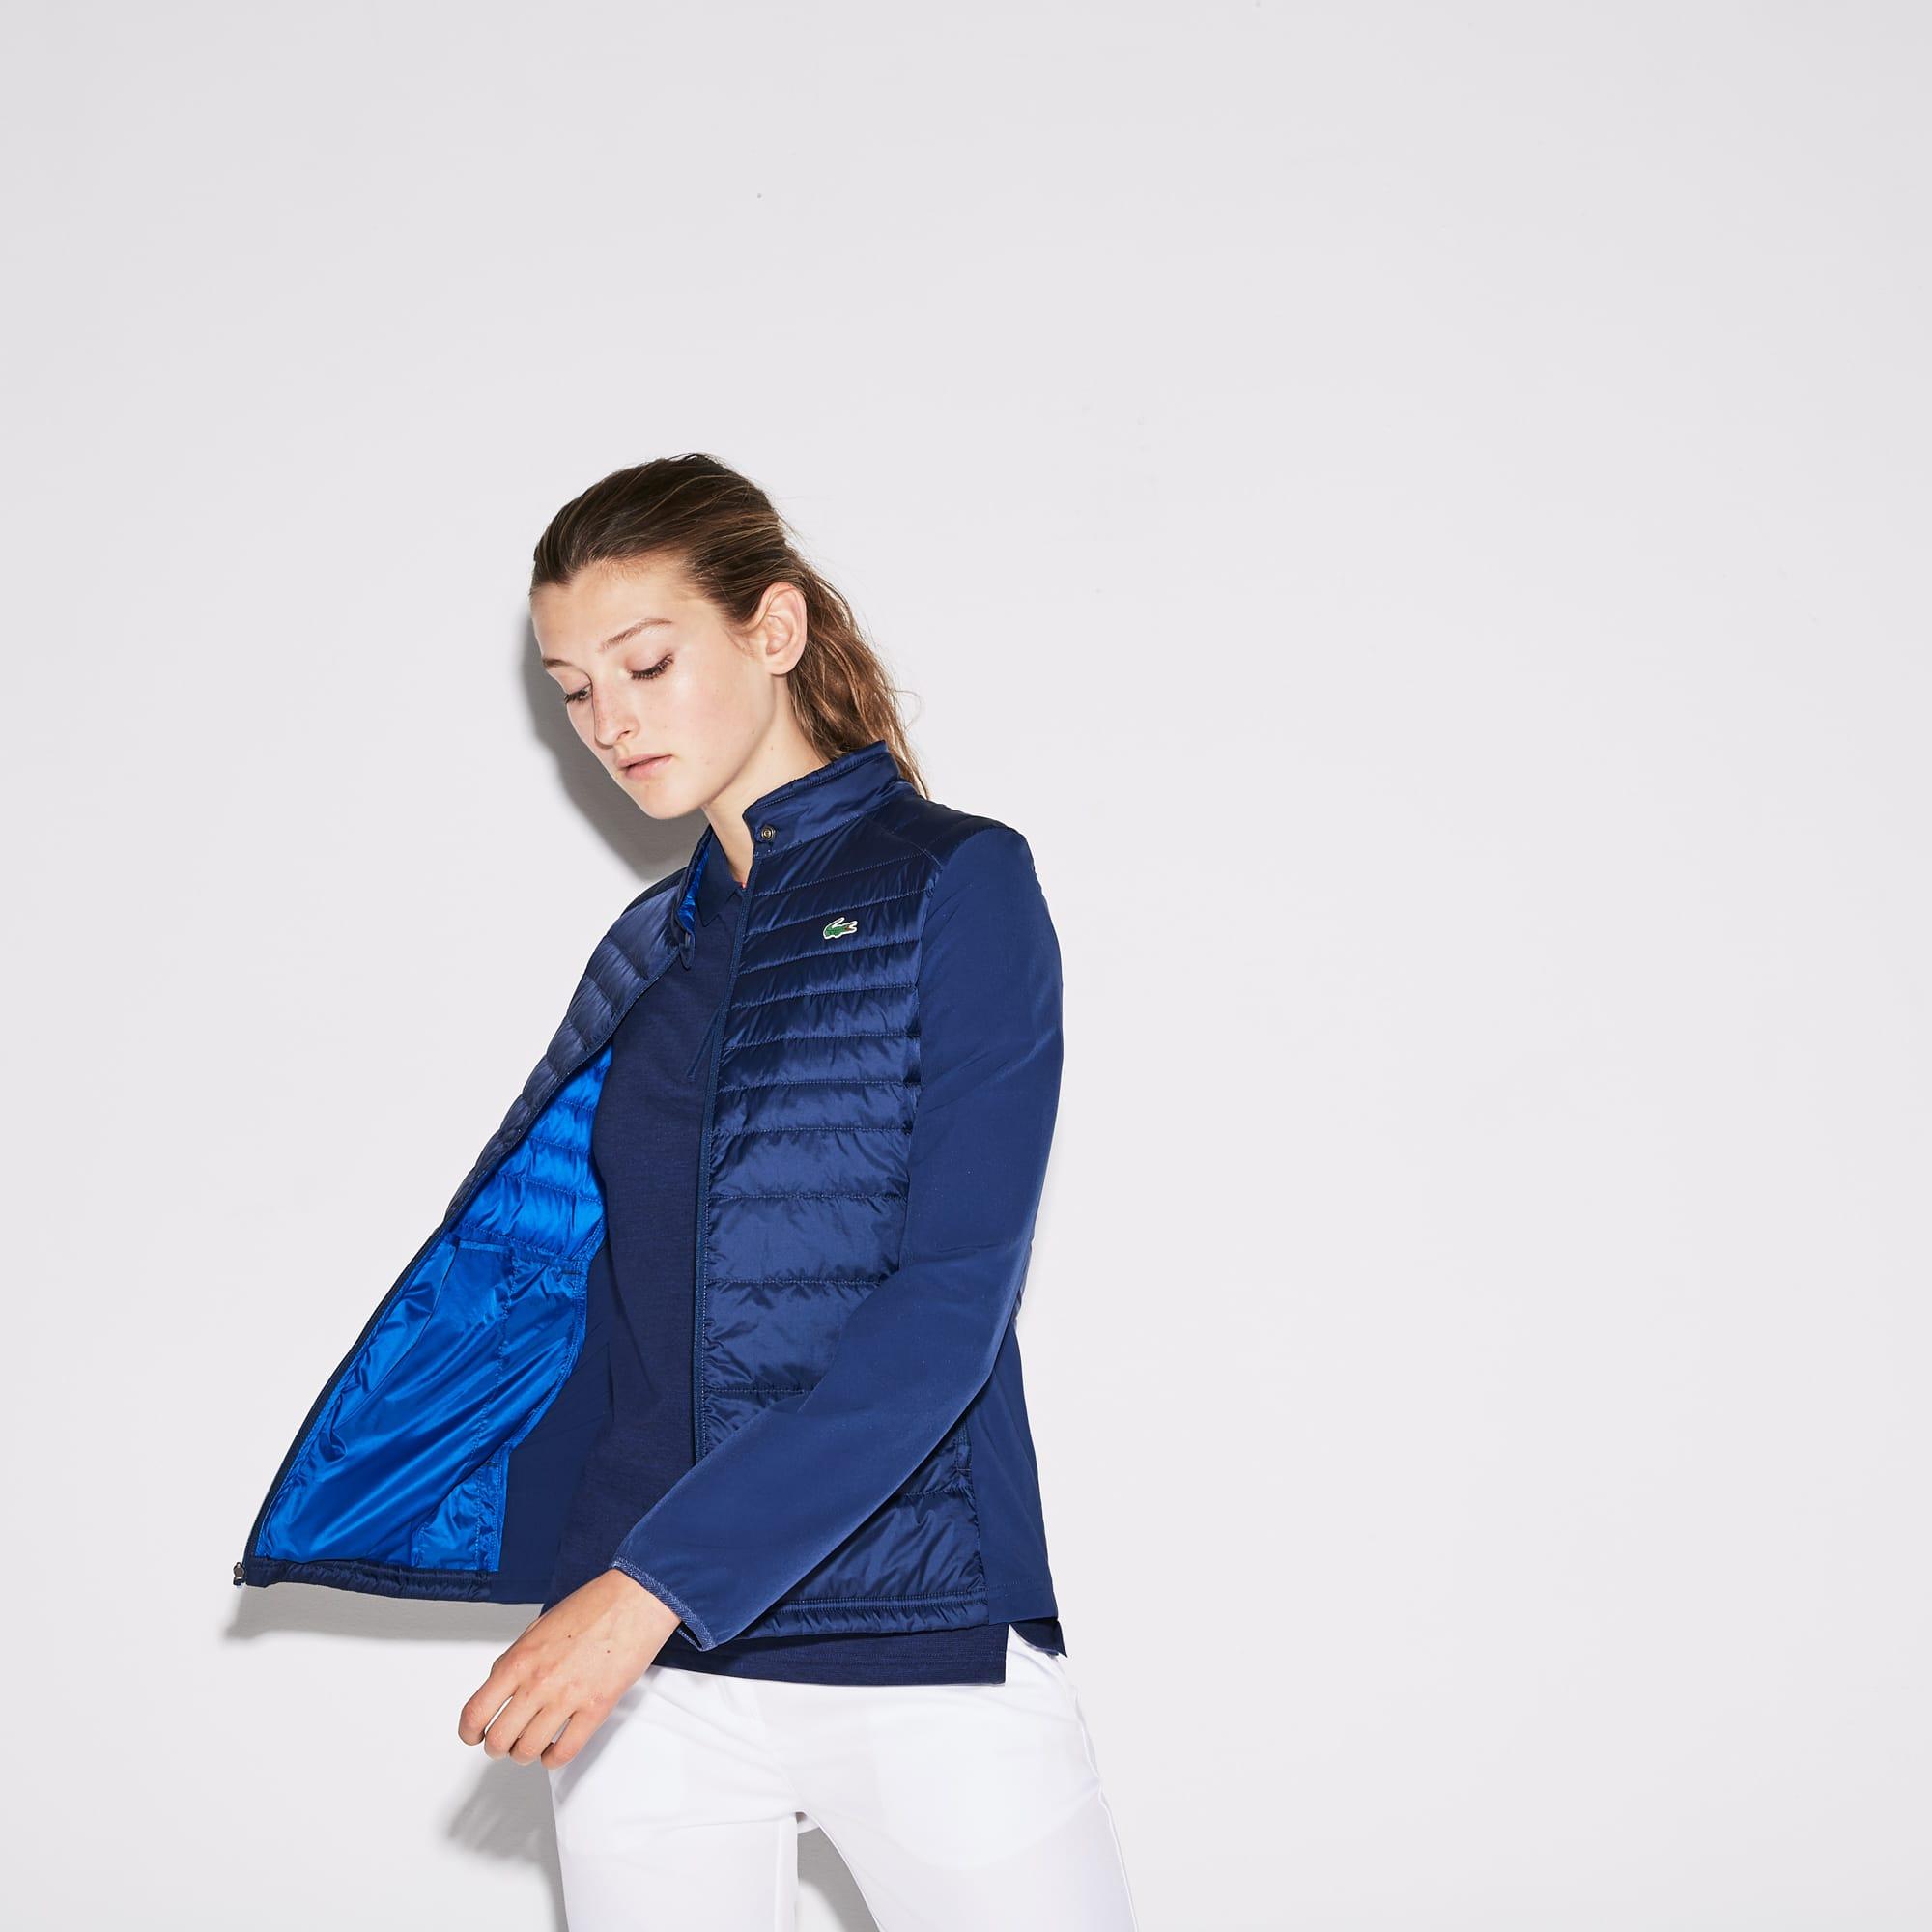 Women's Lacoste SPORT Down Technical Golf Jacket